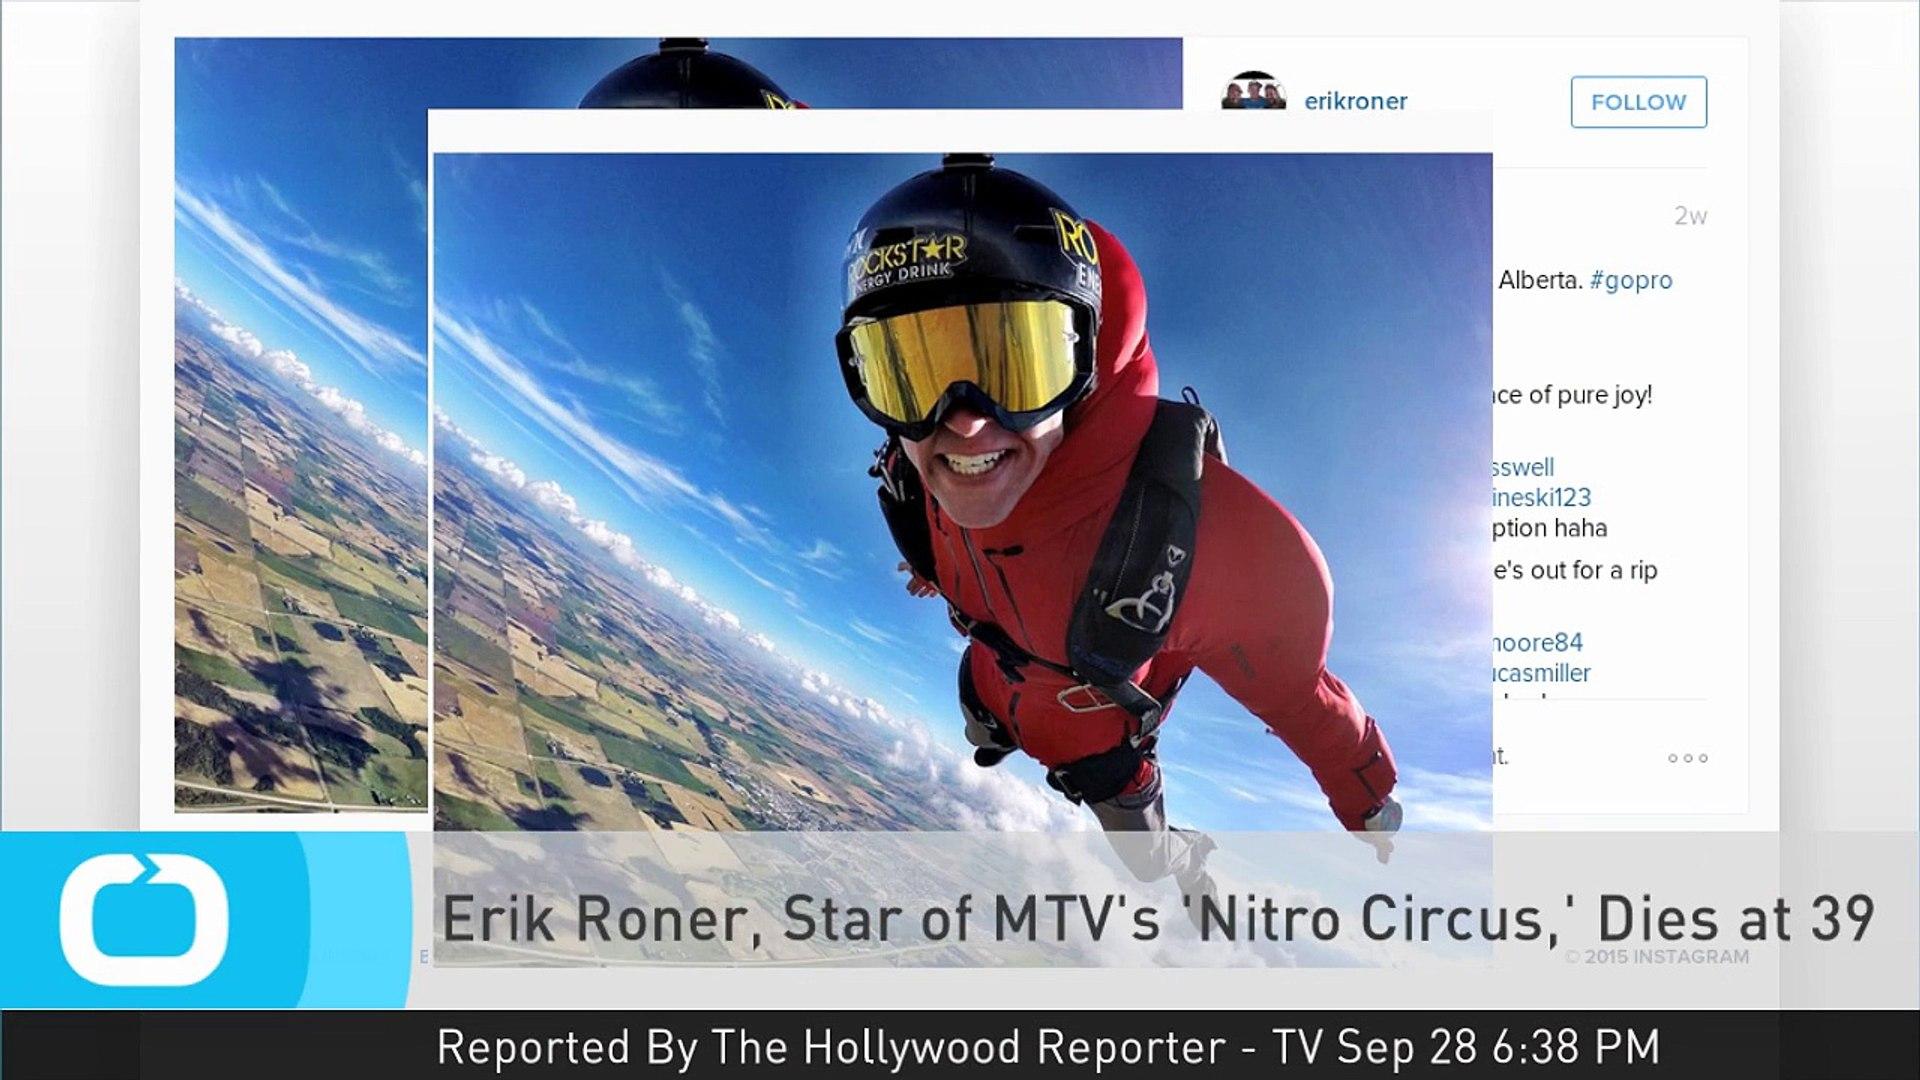 Erik Roner, Star of MTV's 'Nitro Circus,' Dies at 39